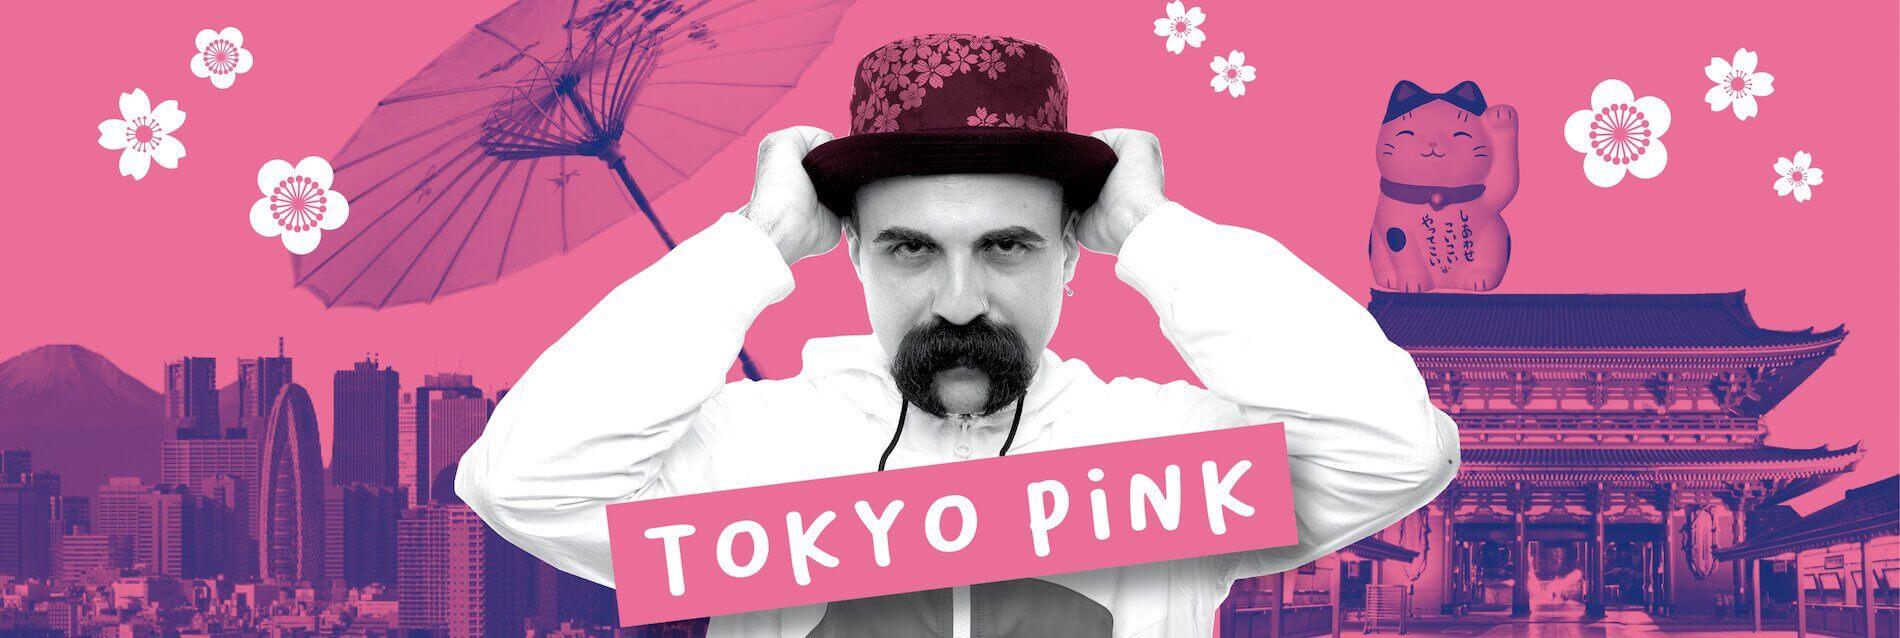 mastrokimono-giapponetvb-01-tokyo-pink